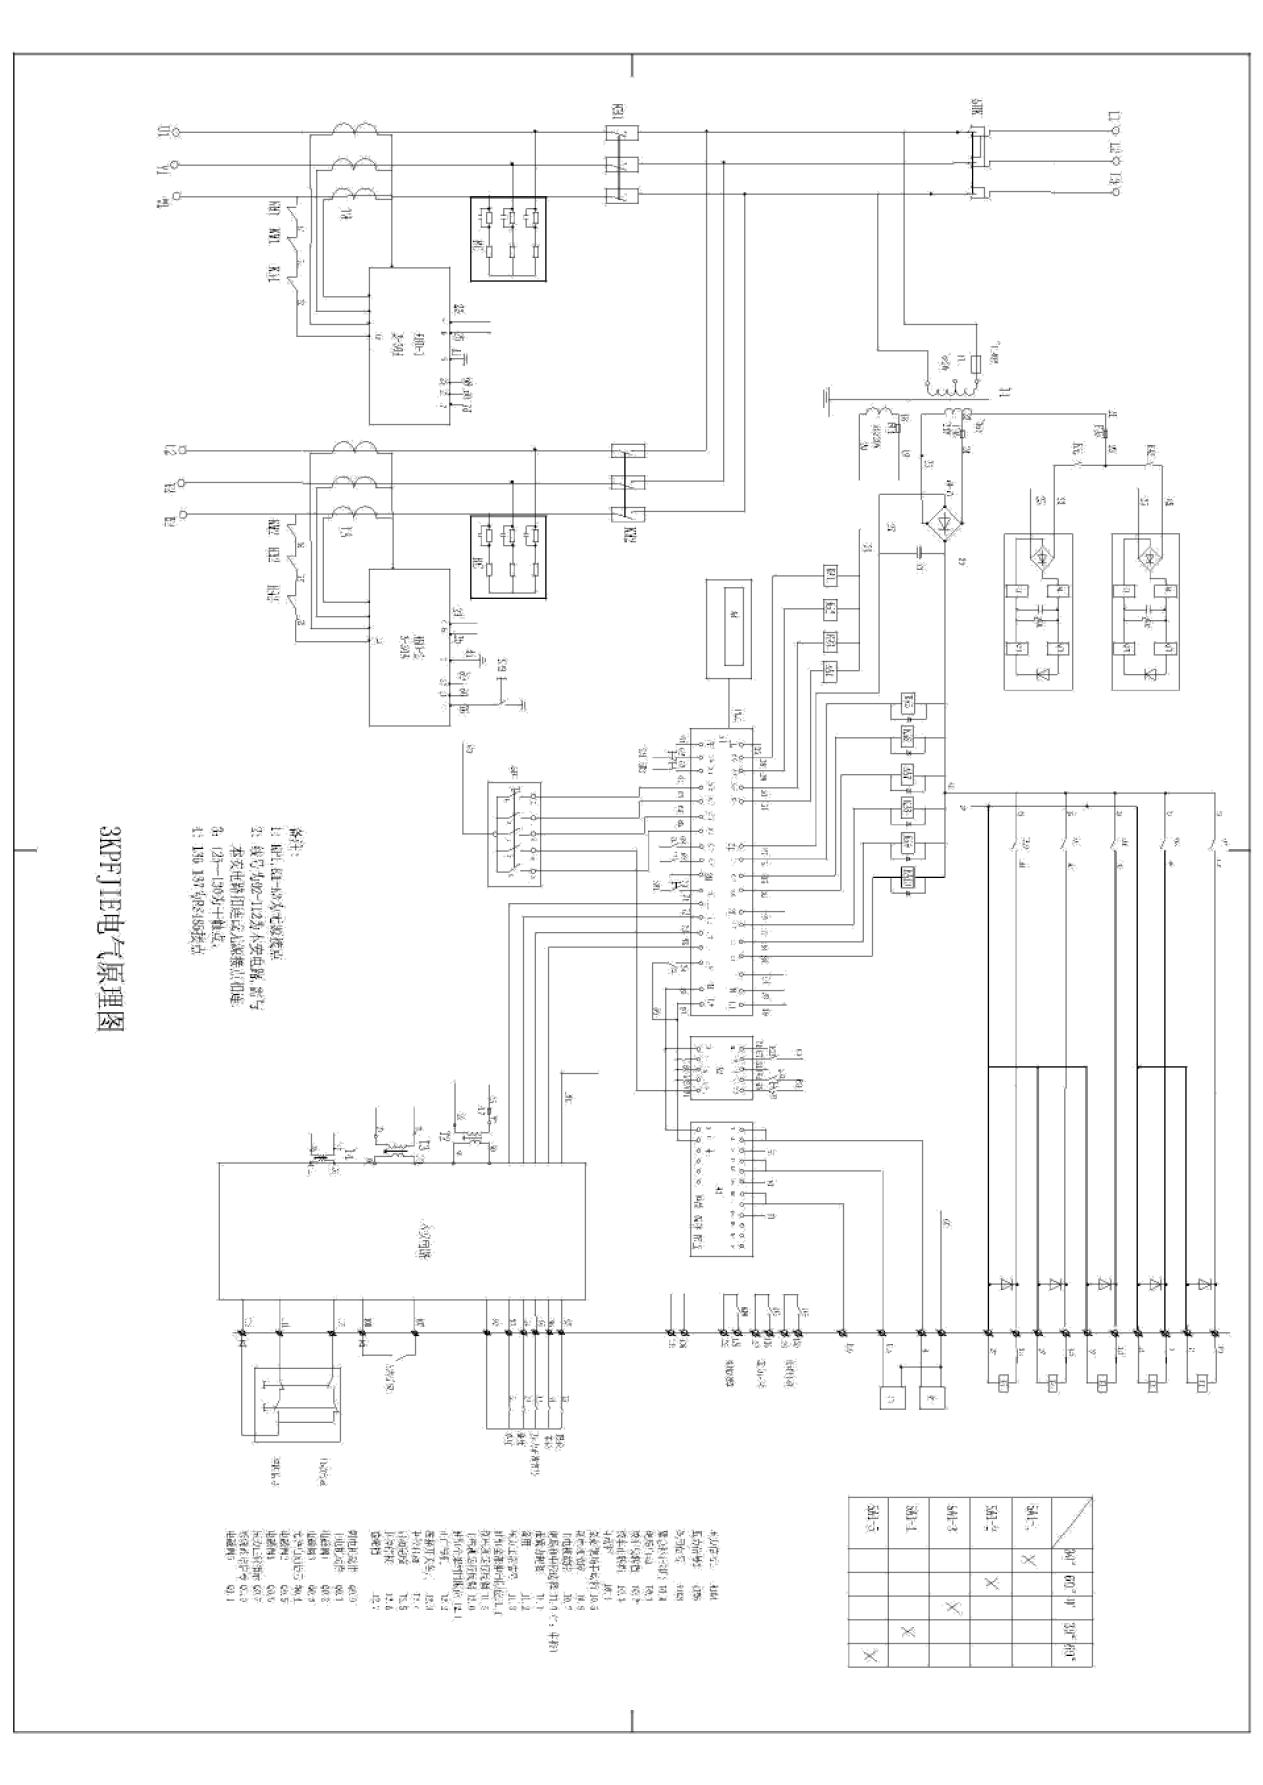 液压绞车3kpfjie说明书电控原理图图片